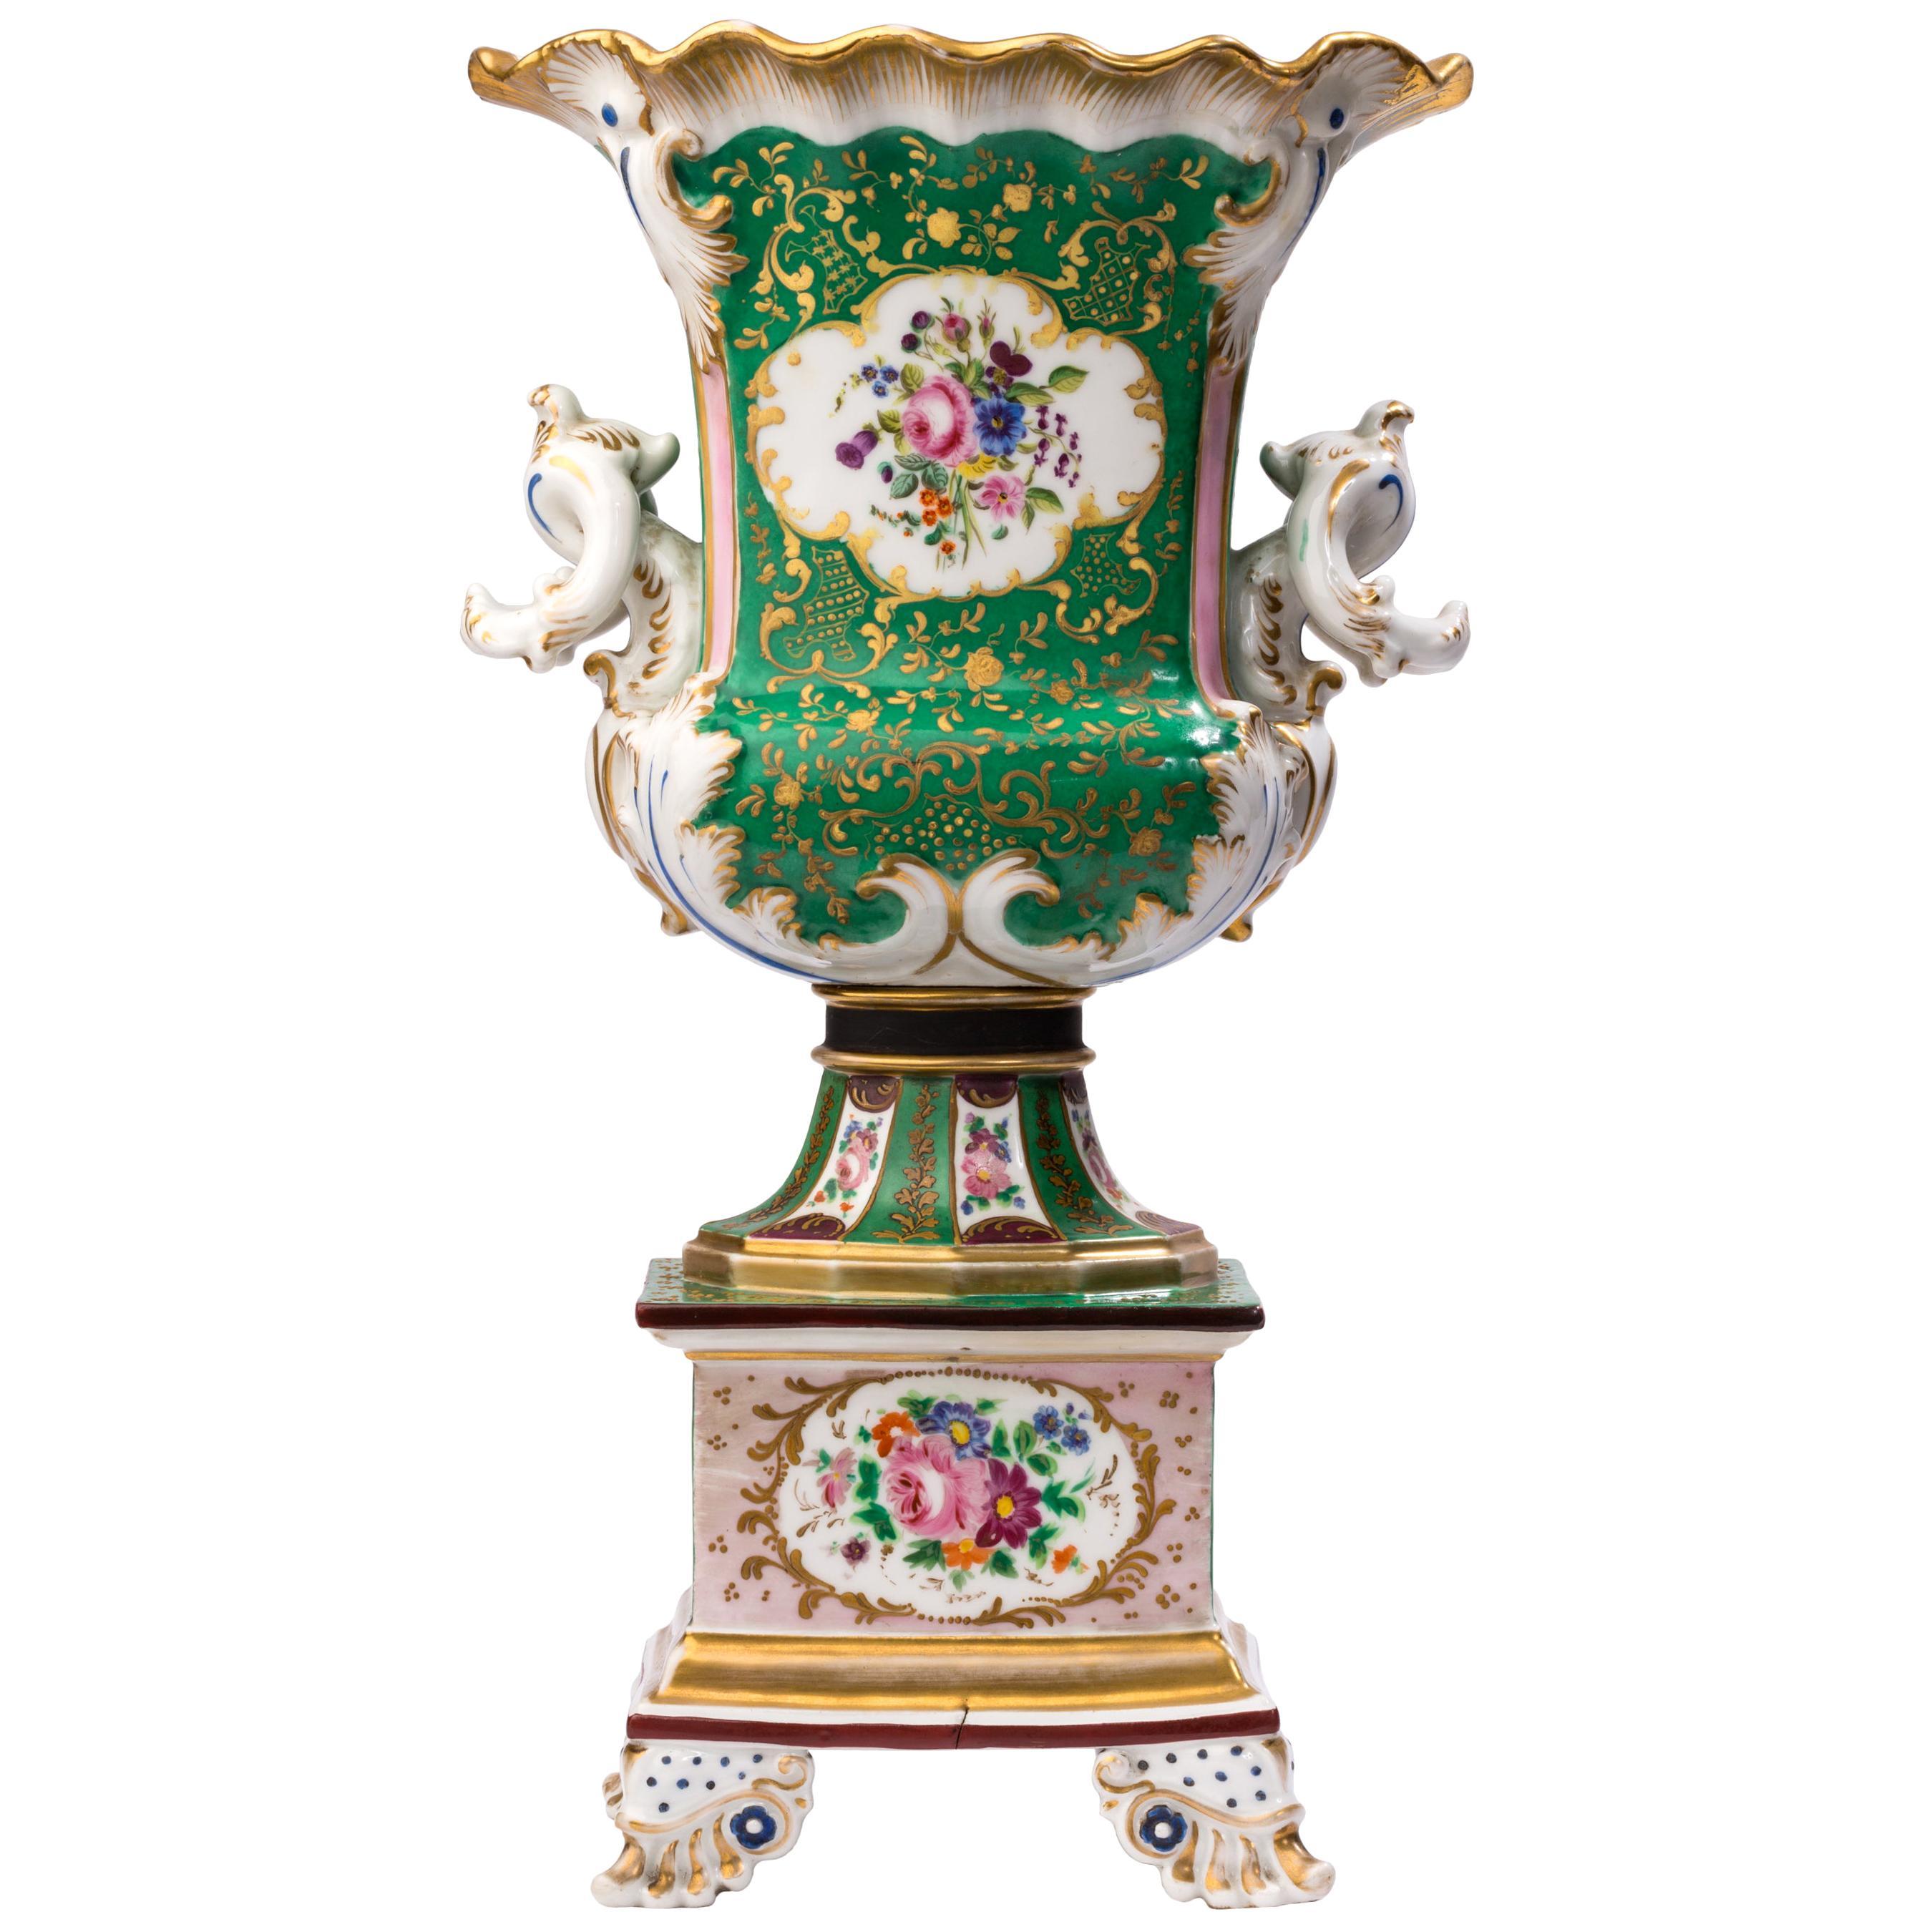 19th Century Vieux Paris / Old Paris Porcelain Urn with Raised Gilt Detailing